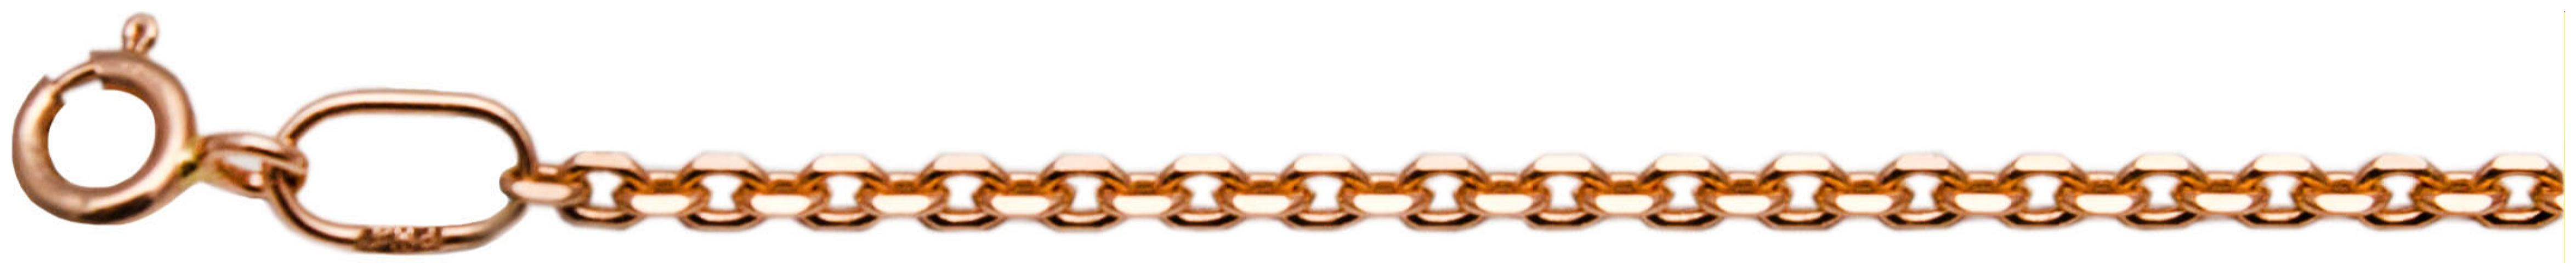 картинка цепь из золота 585° ЦЯ160СА4-А51